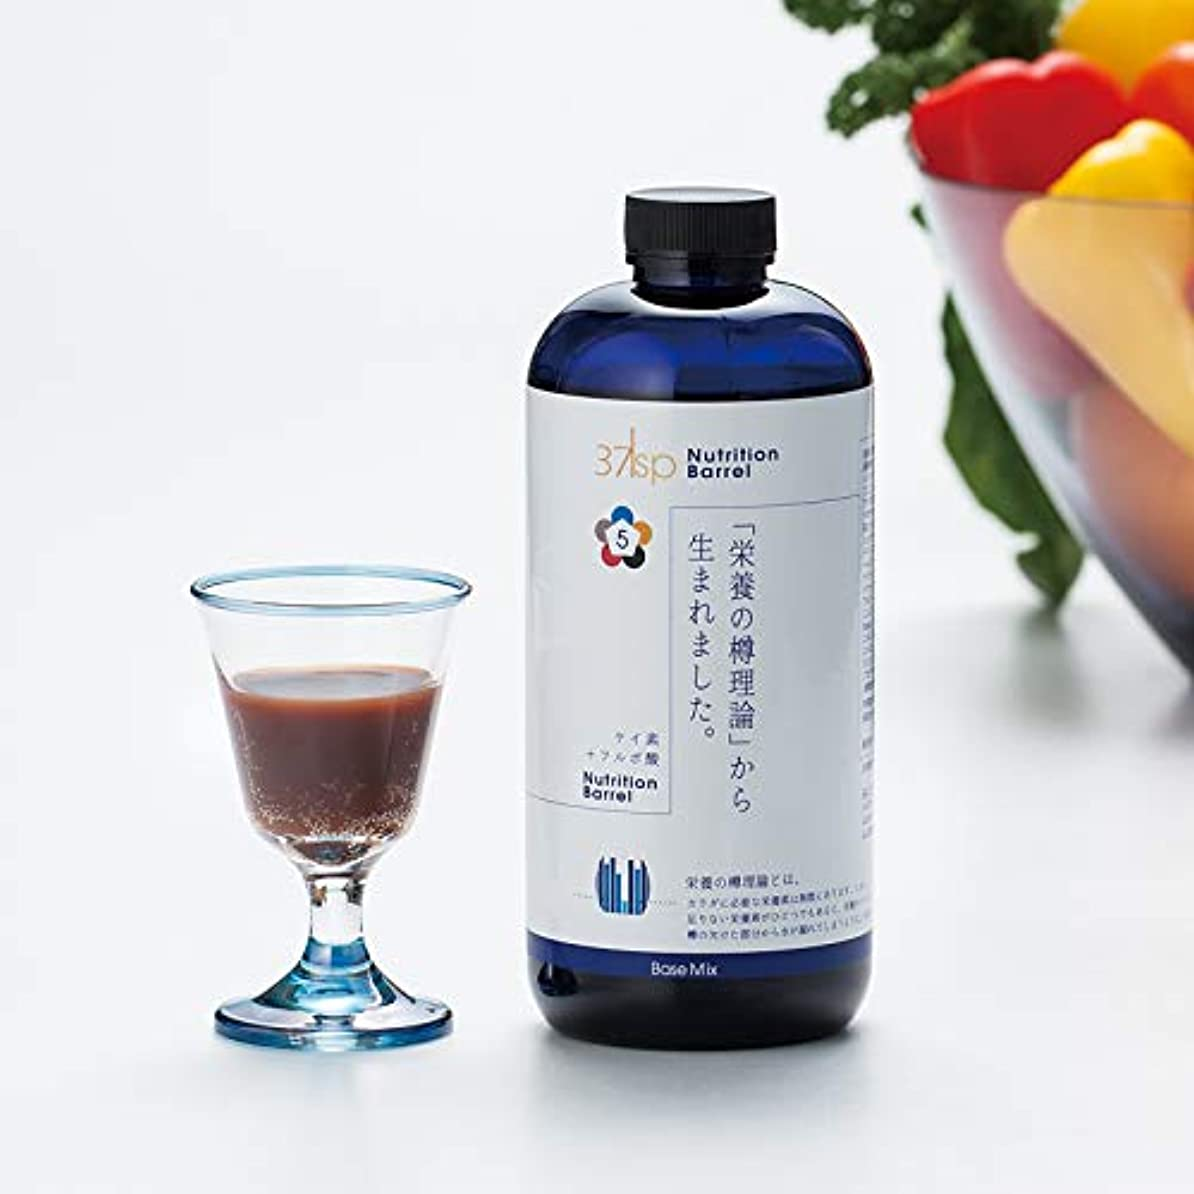 ペルセウス宝石ご近所37度 supplement 活きた酵素 37sp Nutrition Barrel